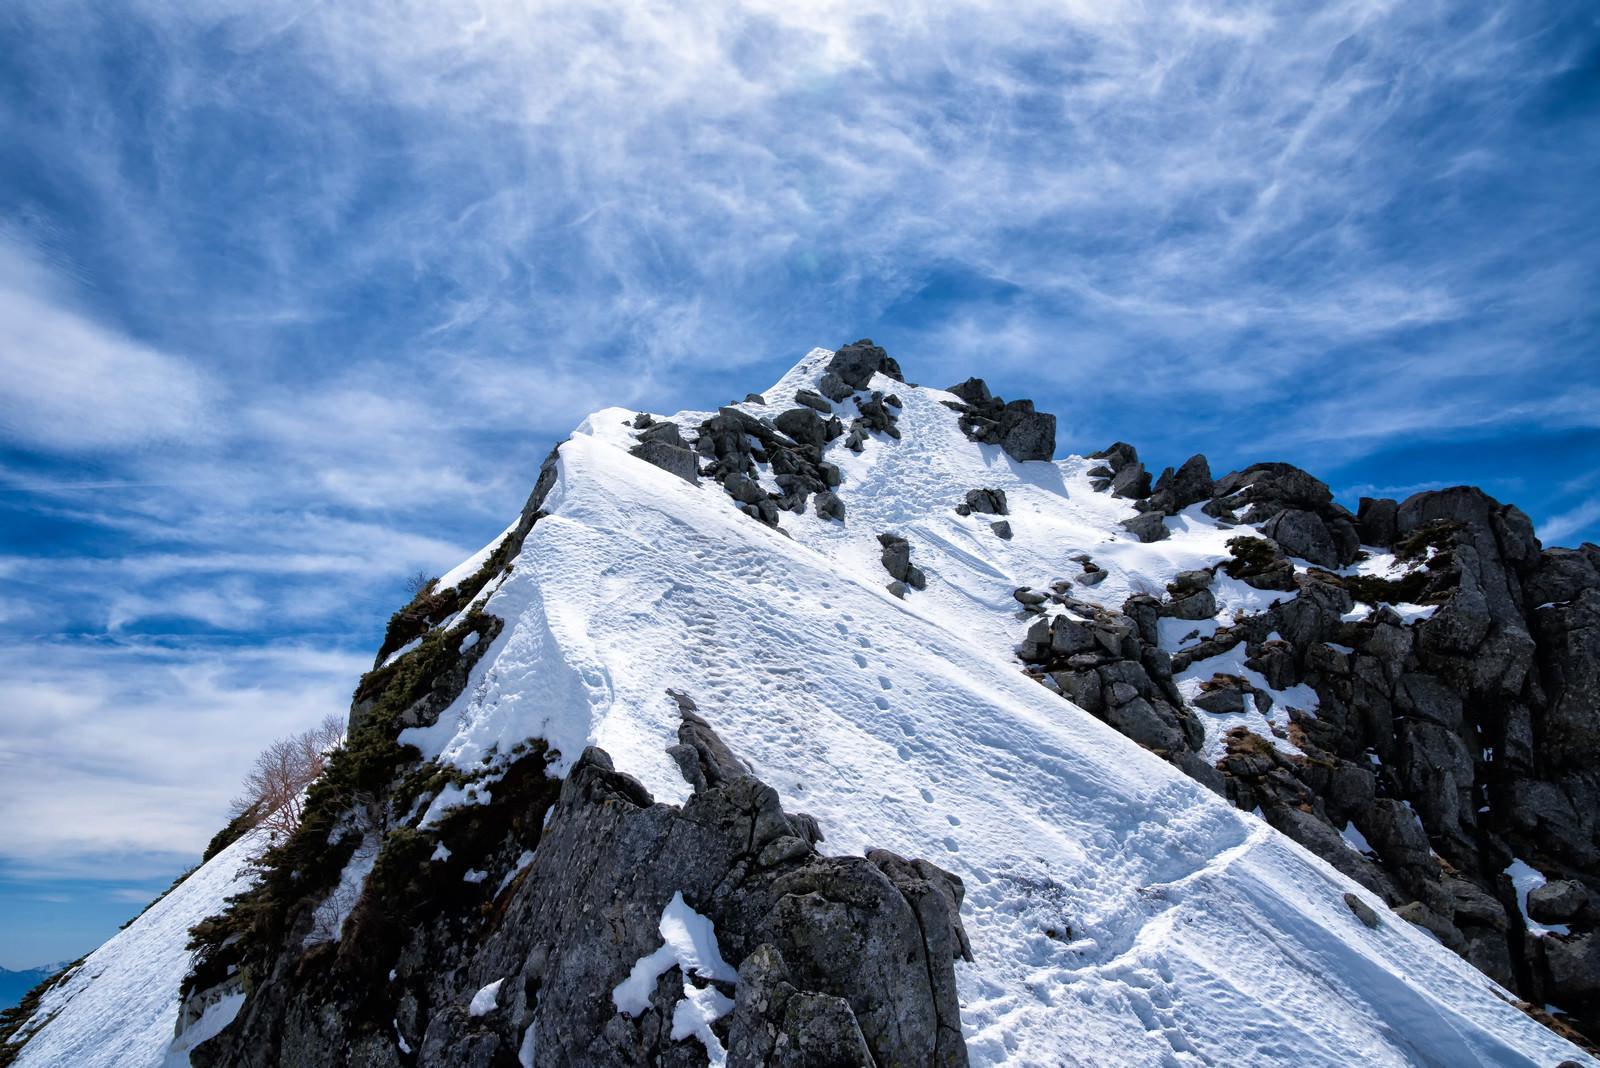 「天空に突き出る山頂(宝剣岳)」の写真